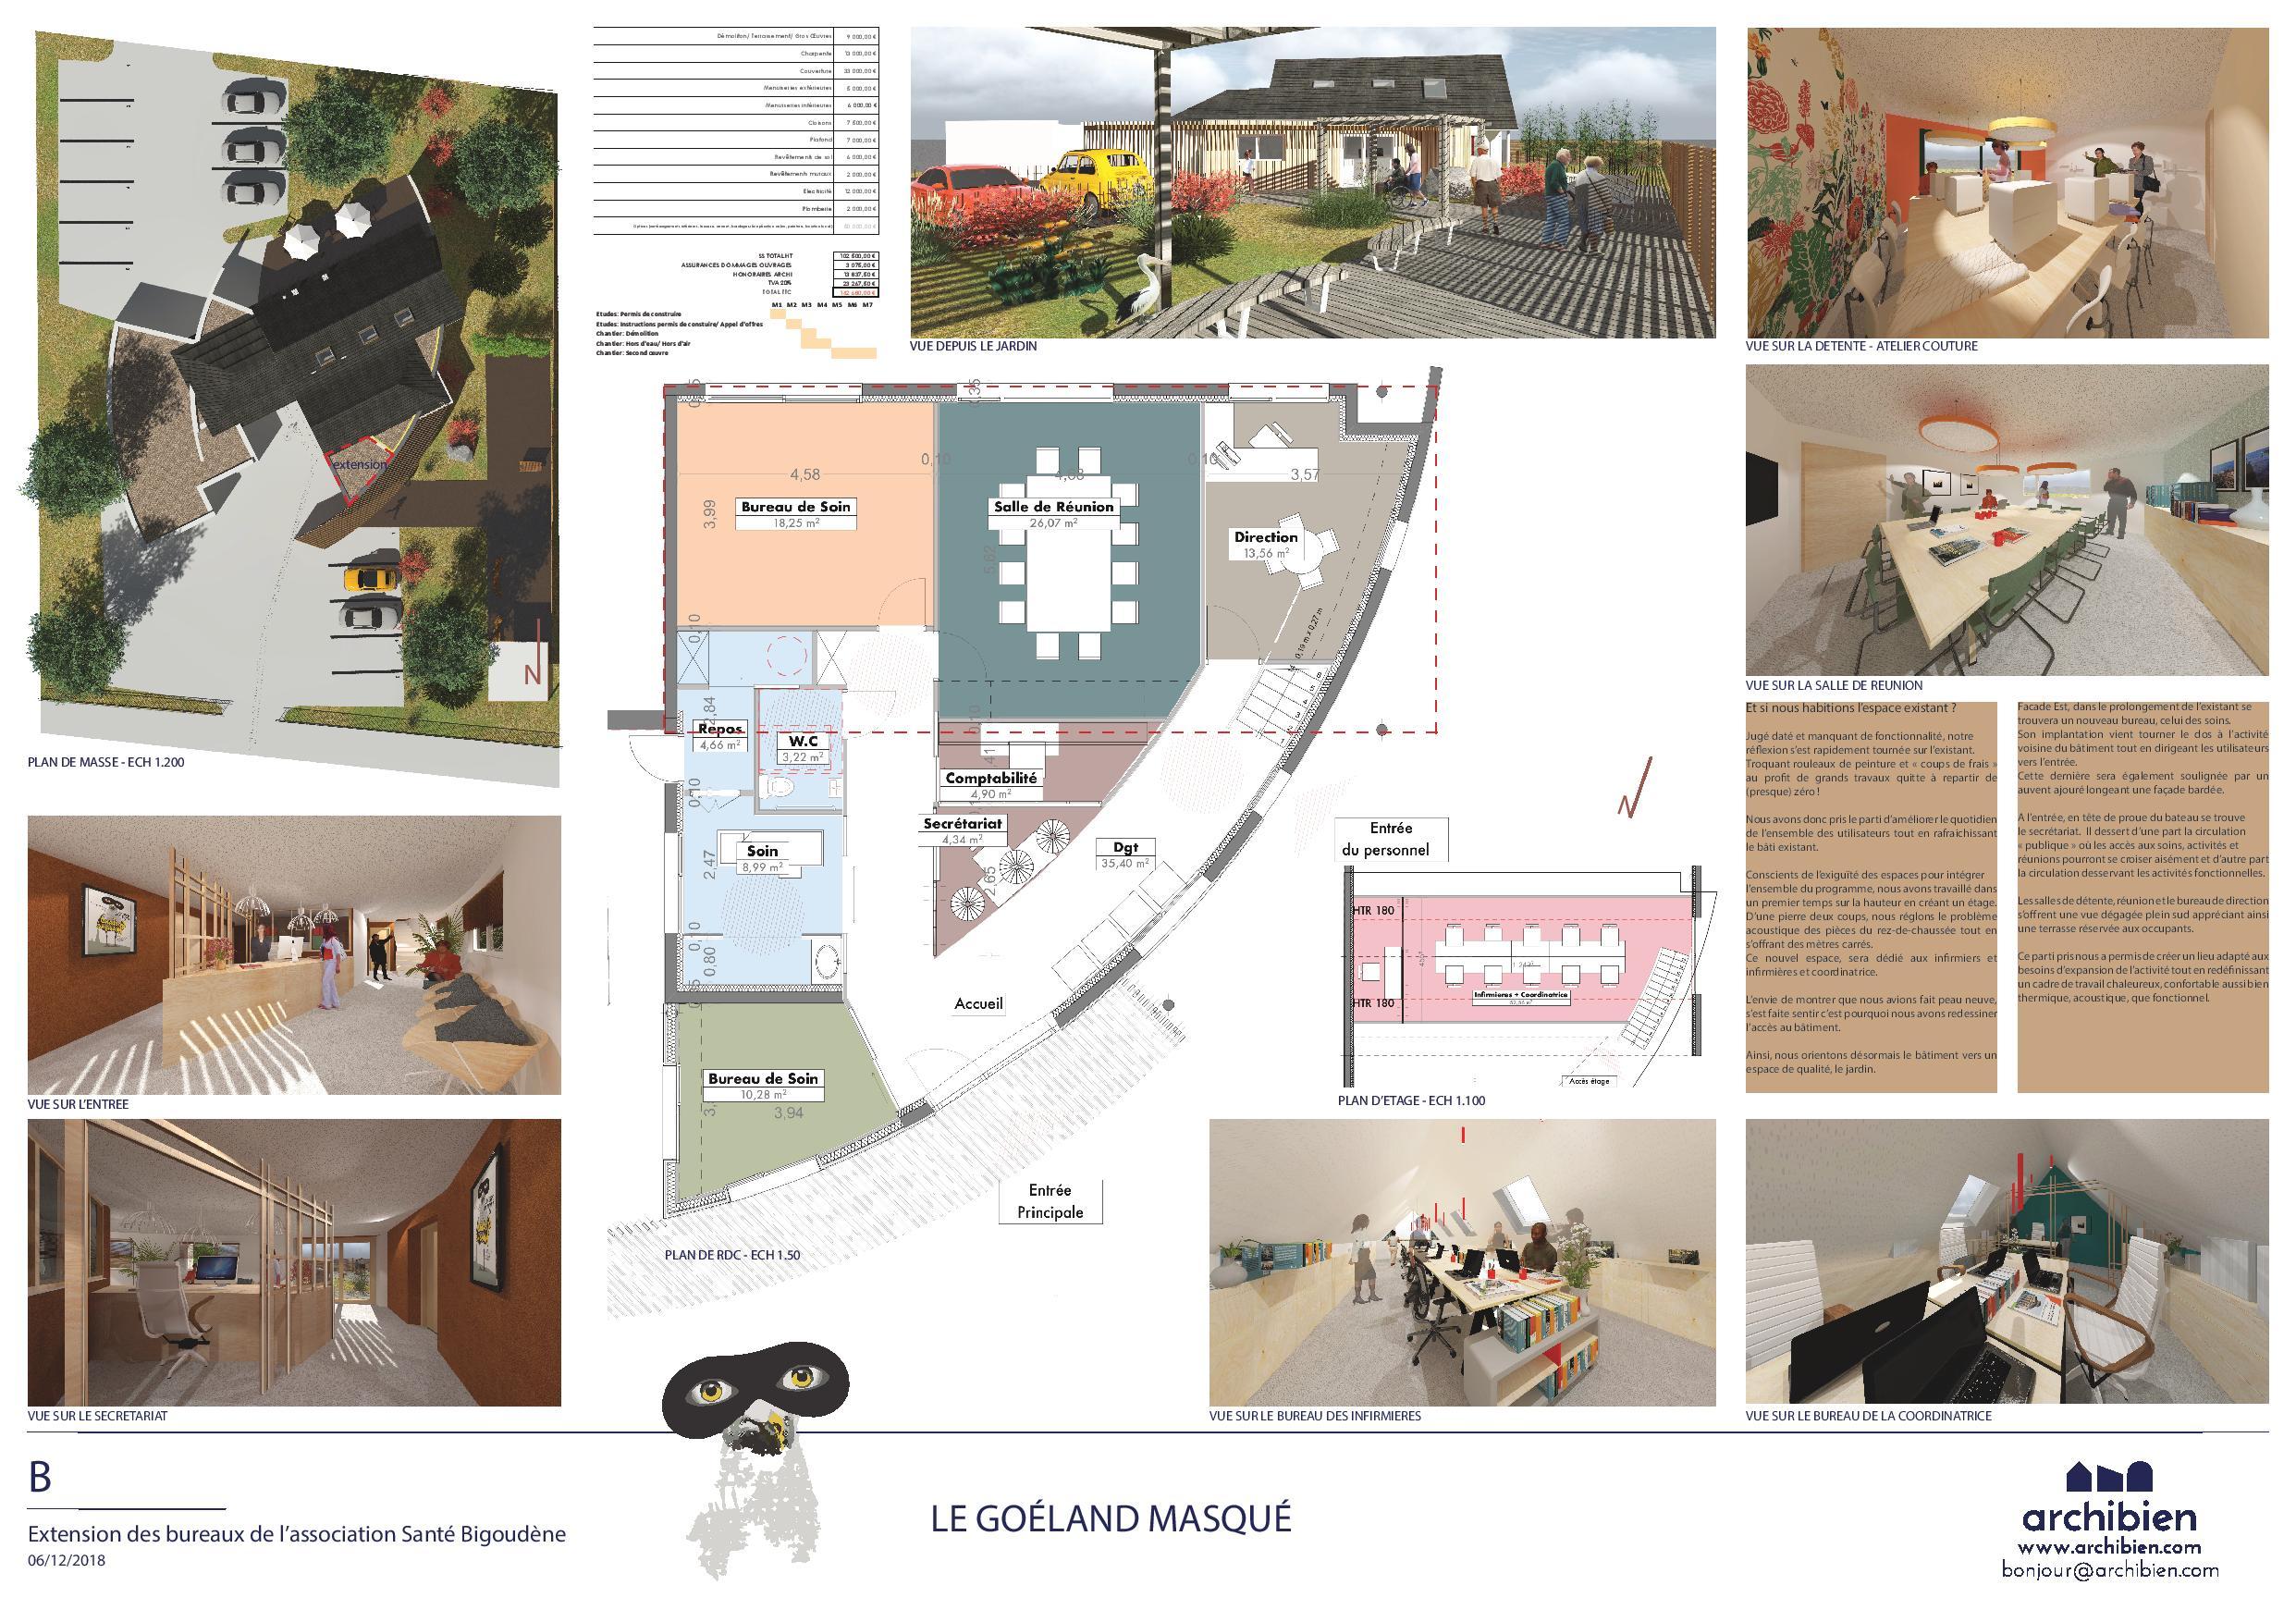 Rendu de projet Santé Bigoudène Archibien